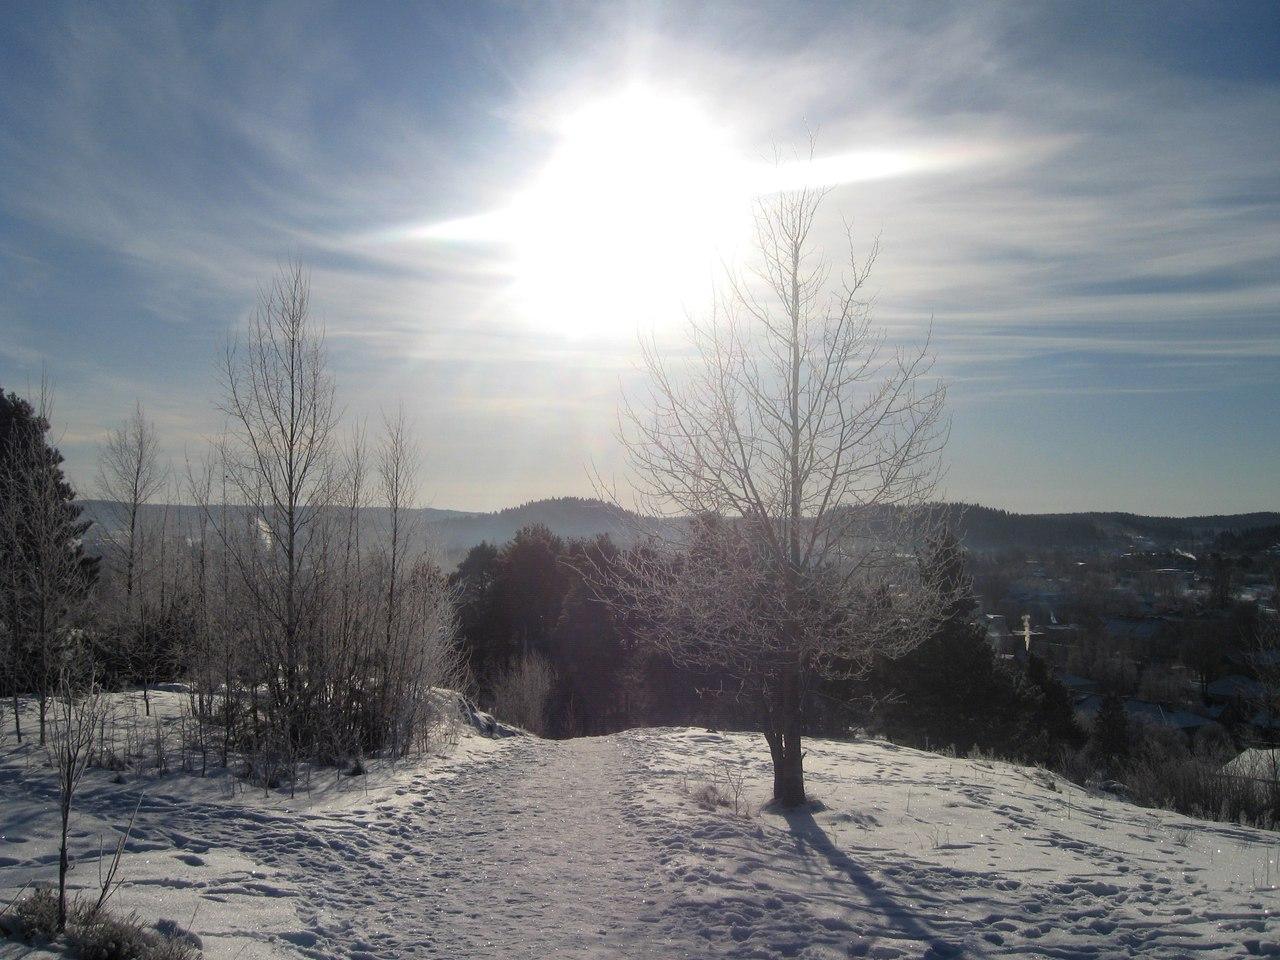 Зимний пейзаж на горе в центре города Сортавала. Республика Карелия.